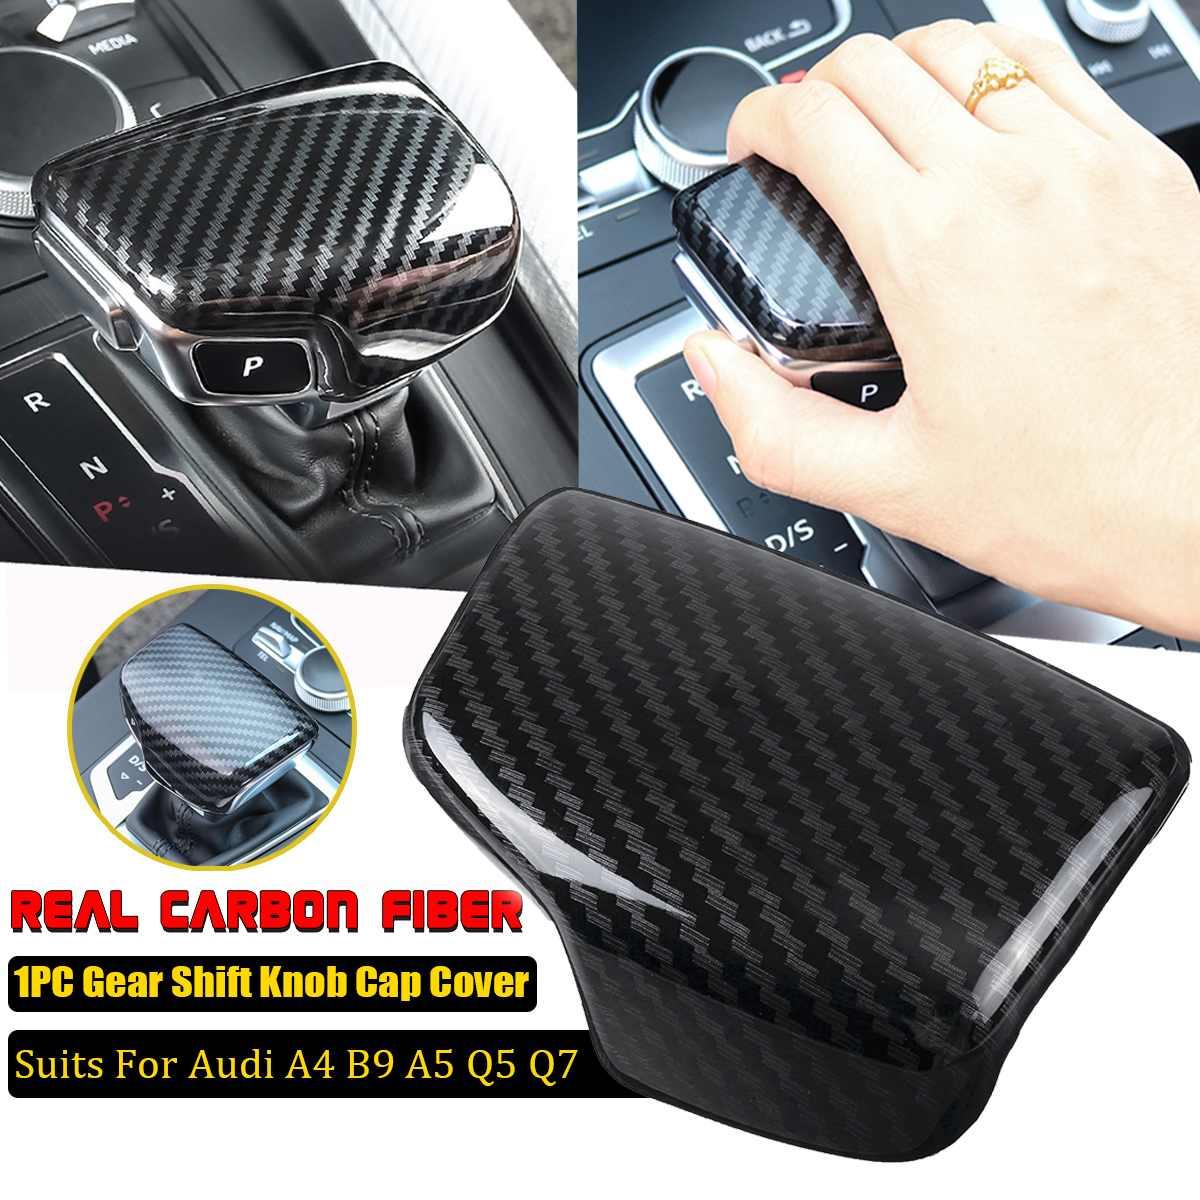 Gear Shift Knob Cap Cover For Audi A4 B9 A5 Q5 Q7 Carbon Fiber Cover font